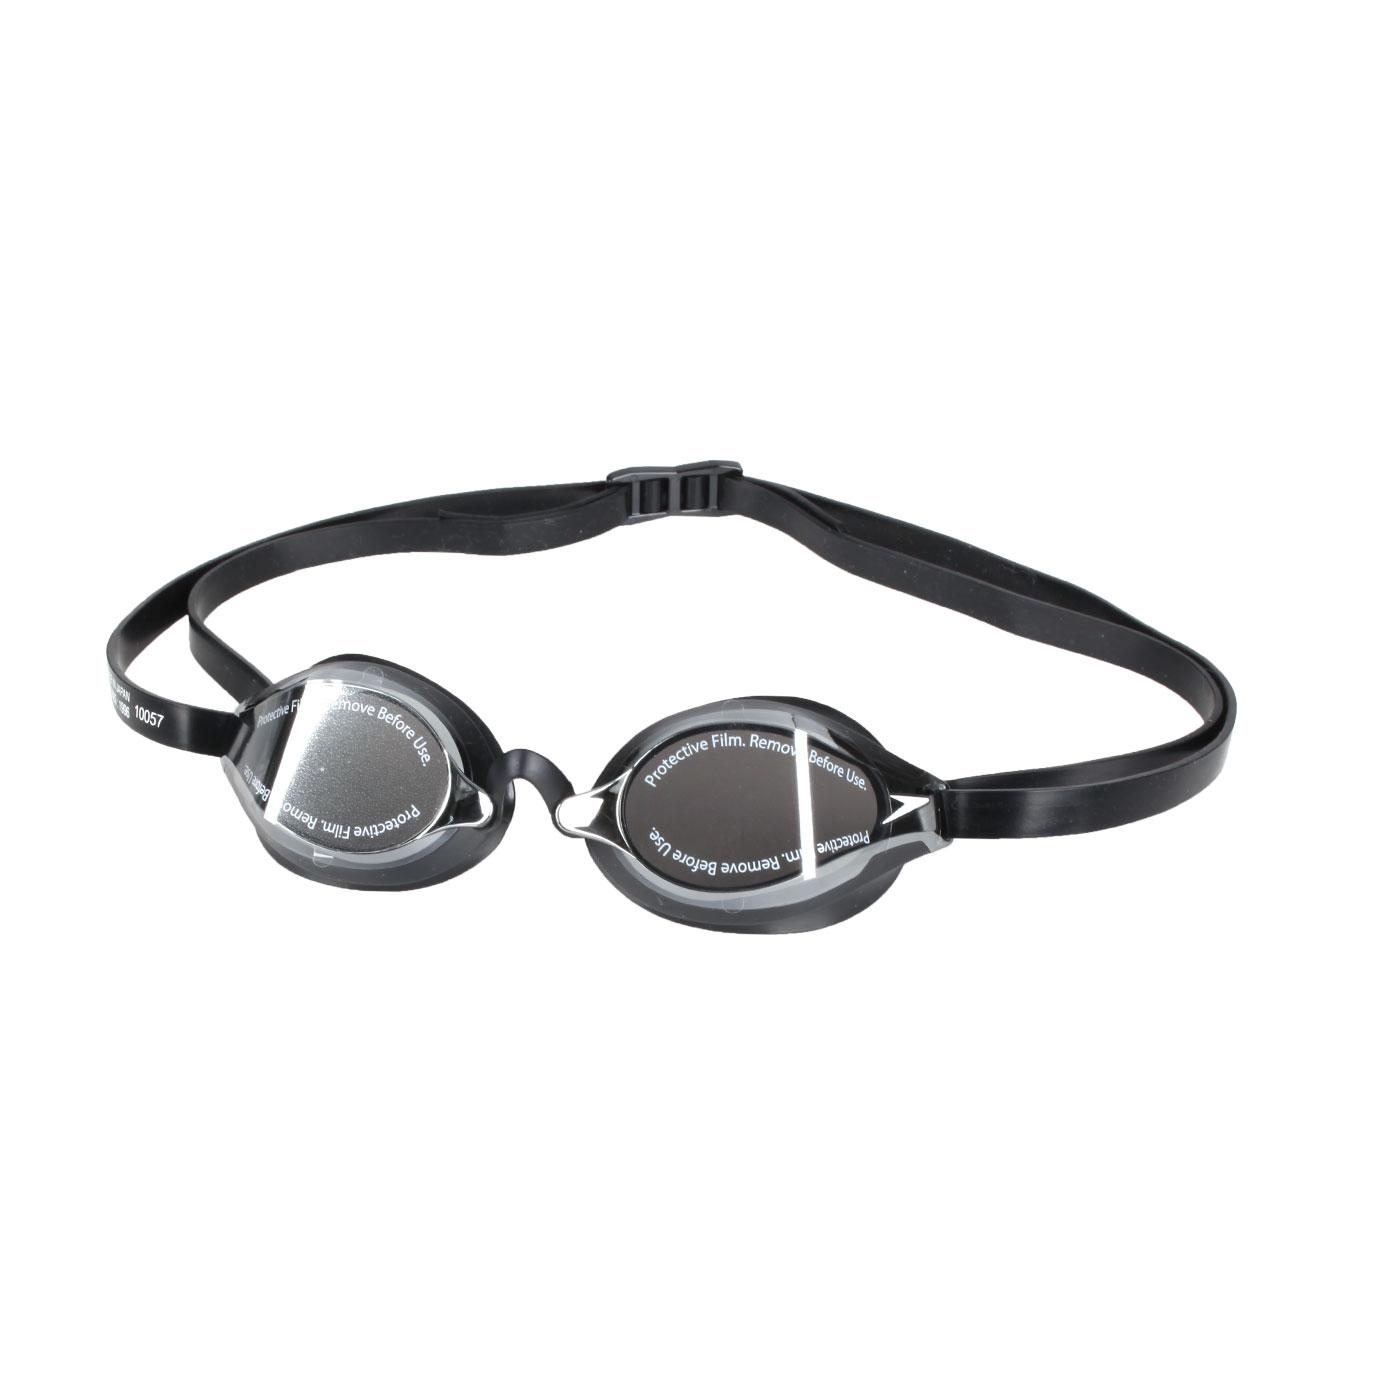 SPEEDO 成人競技鏡面泳鏡 SD8108973515N - 黑銀